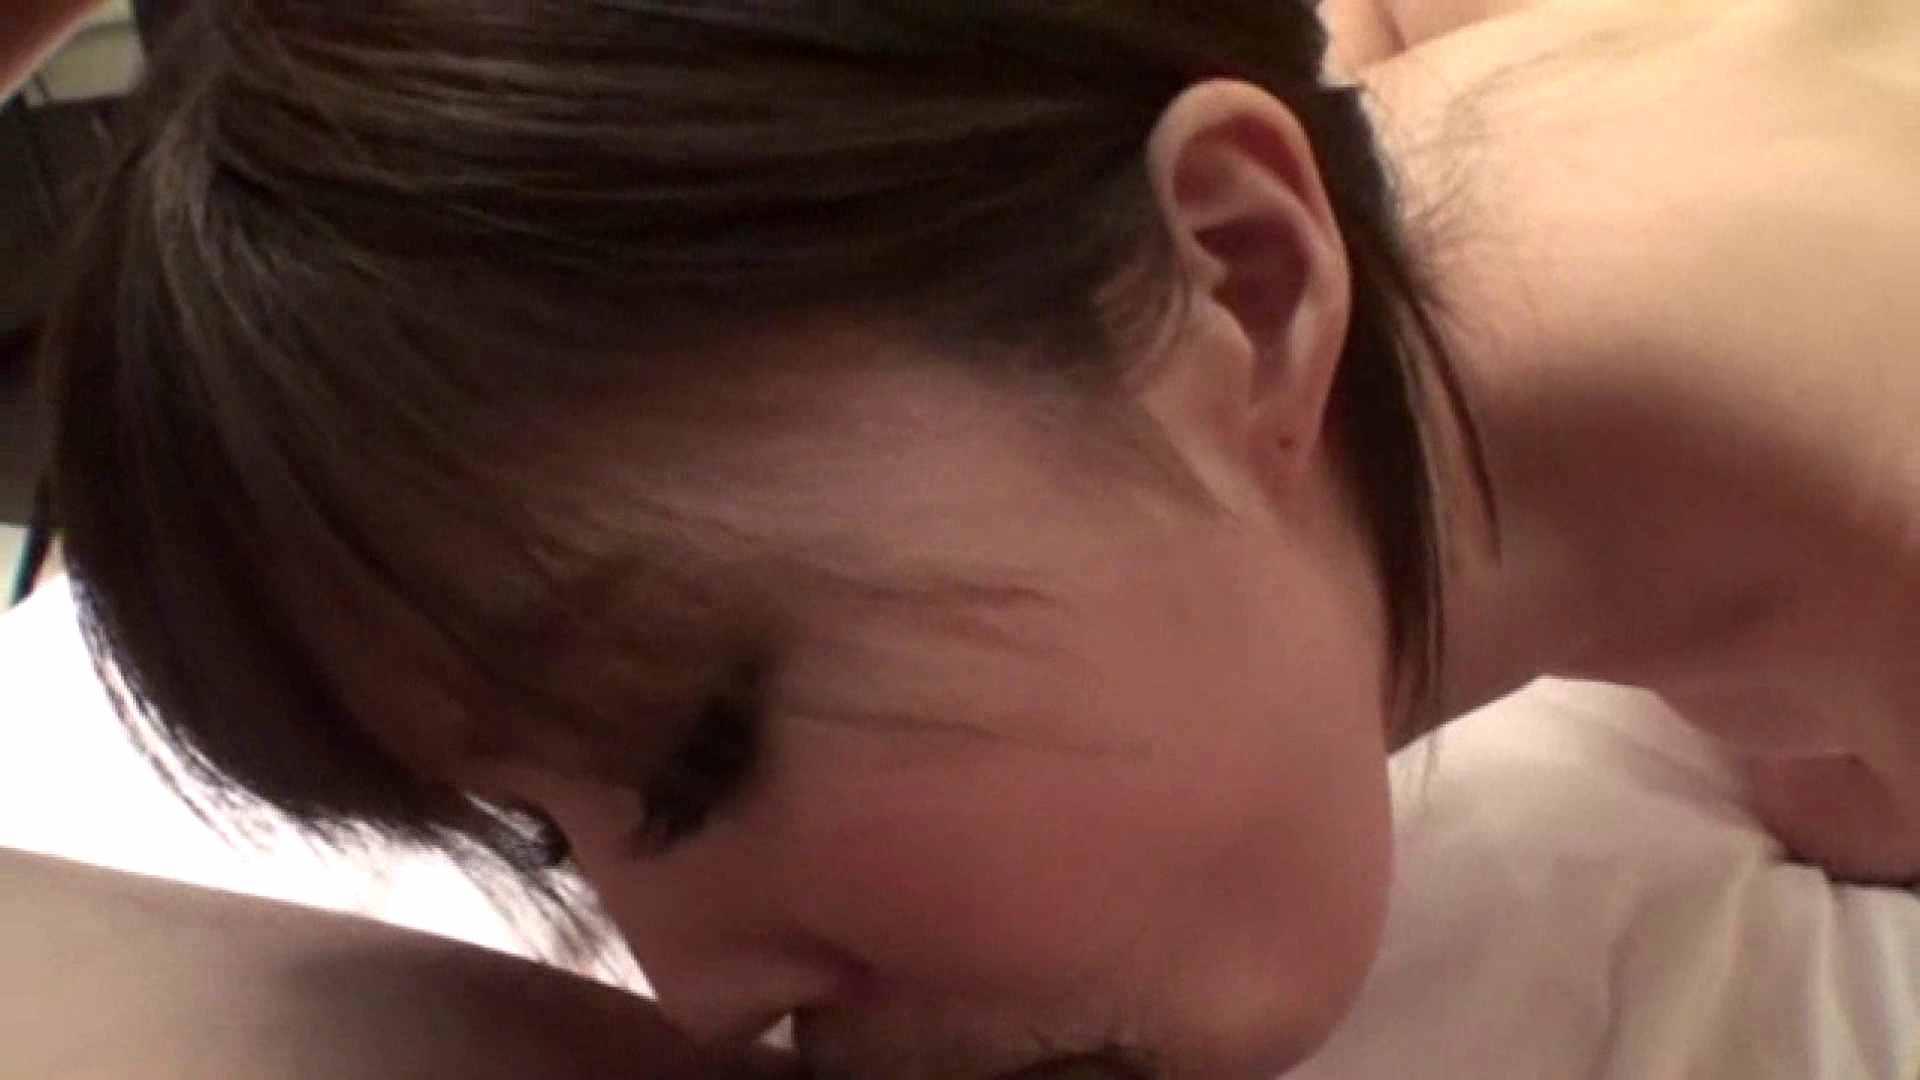 美女だらけのプライベートSEXvol.13前編 モデルのエッチ ワレメ動画紹介 72PIX 39